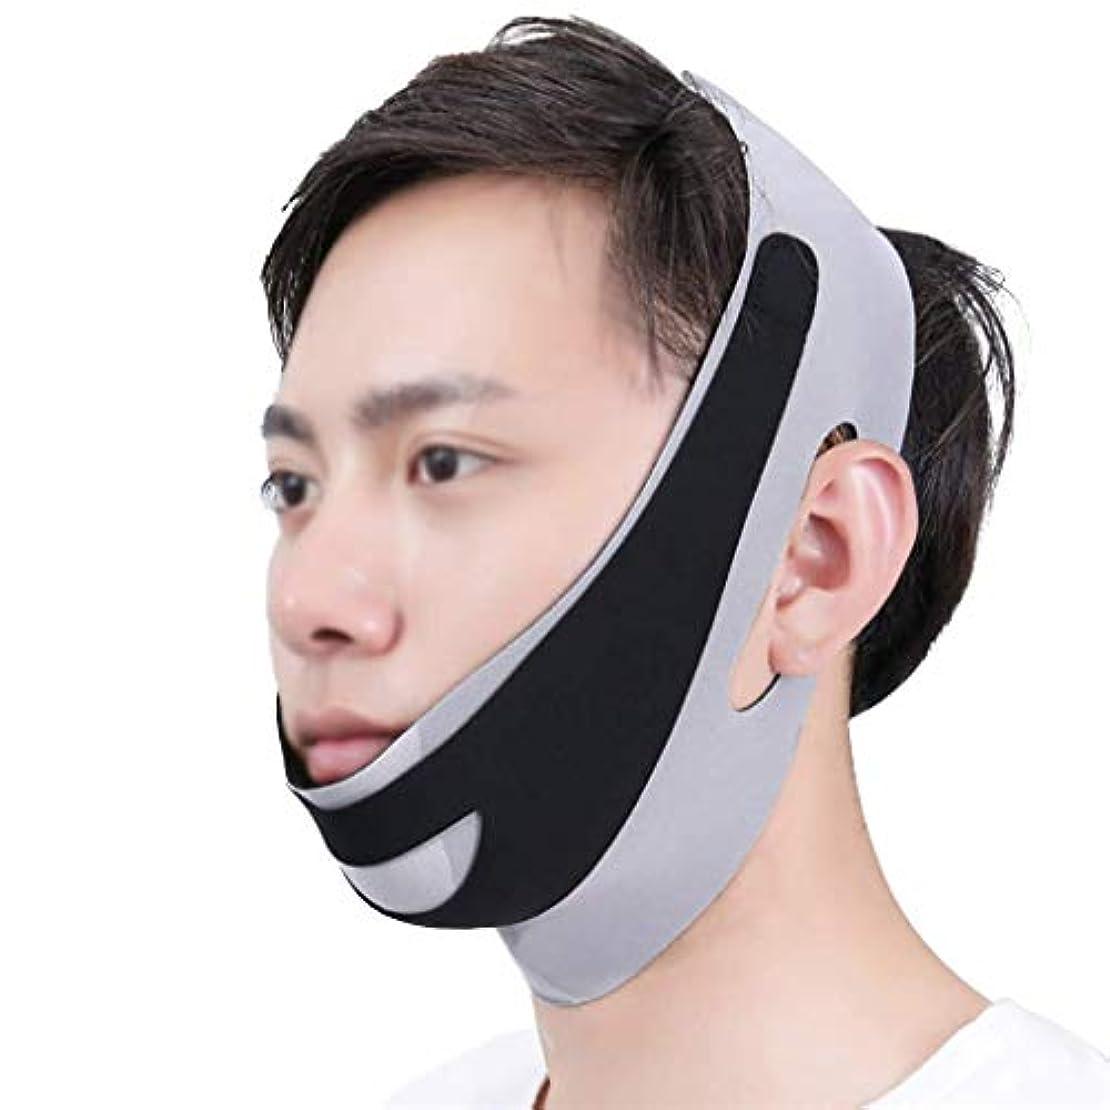 メールを書くトラップ建築顔と首のリフト術後弾性顔マスク小V顔アーティファクト薄い顔包帯アーティファクトV顔吊り耳リフティング引き締め男性の顔アーティファクト